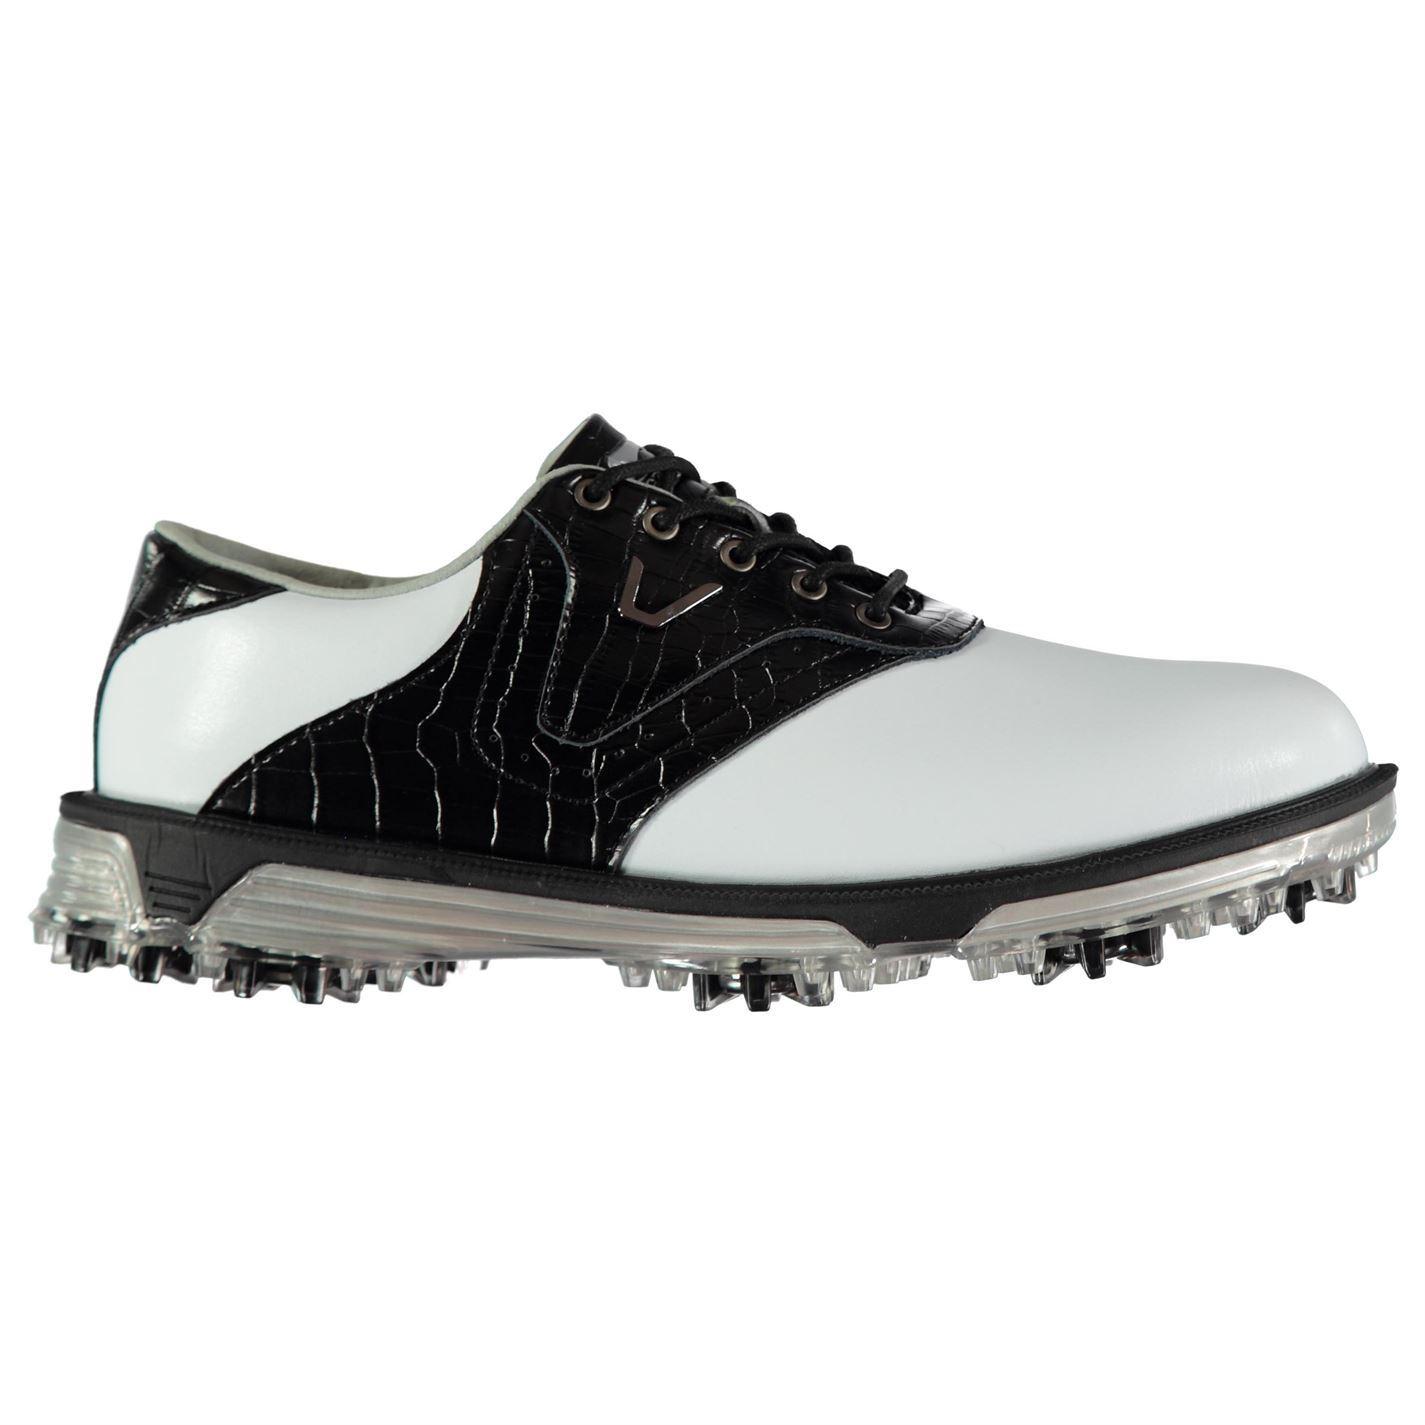 Slazenger-V500-Golf-Shoes-Mens-Spikes-Footwear thumbnail 13